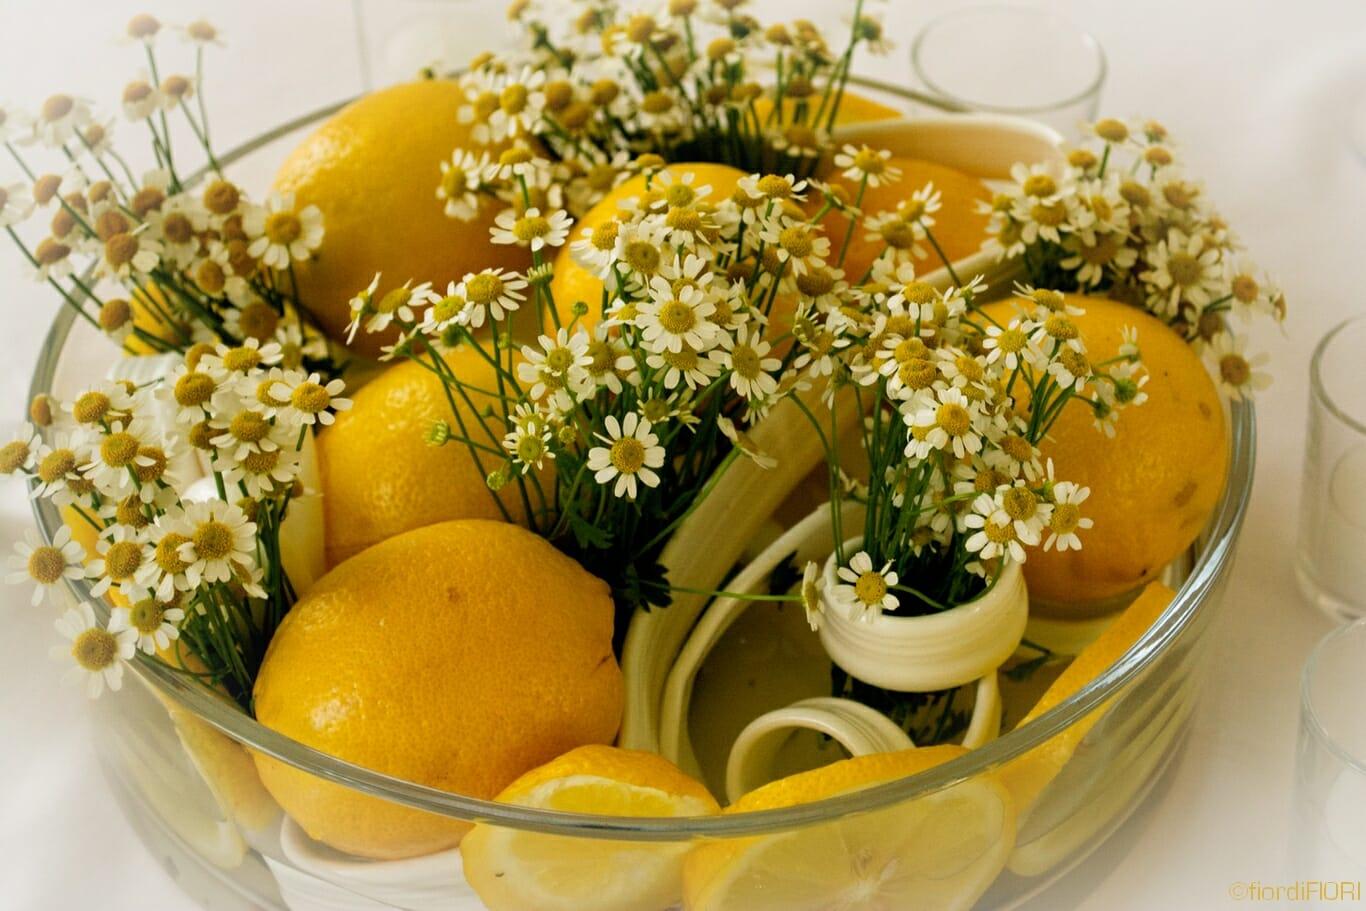 Centrotavola con limoni e camomilla